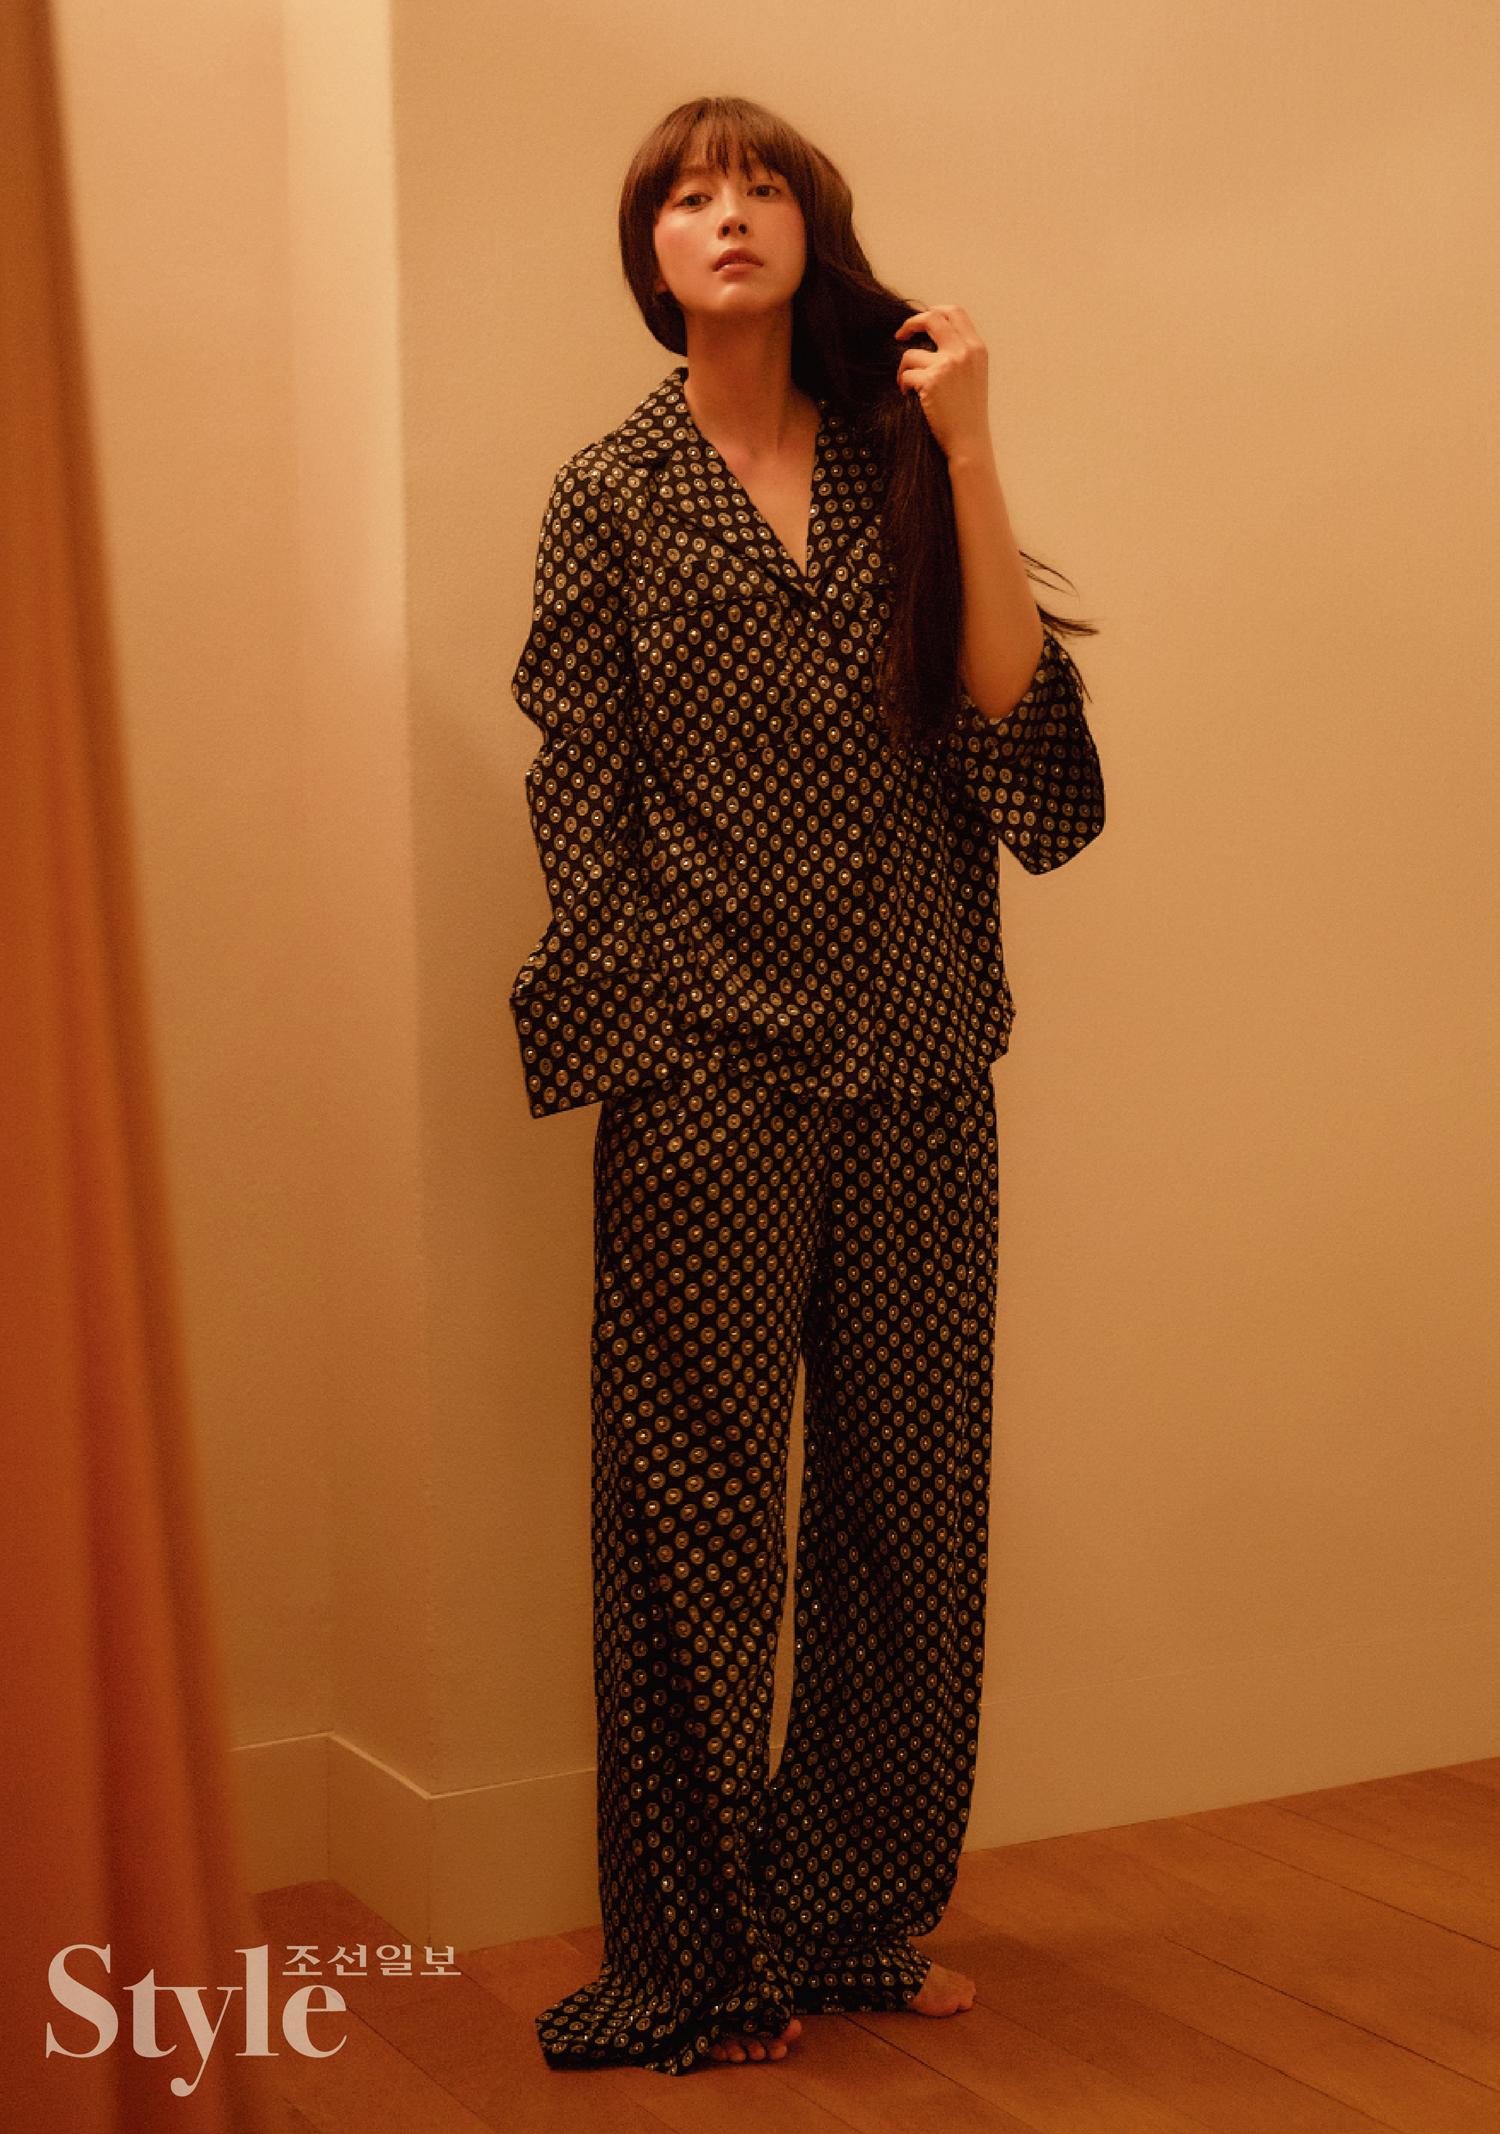 40岁还这么美!元彬妻子李娜英登杂志穿皮草超优雅